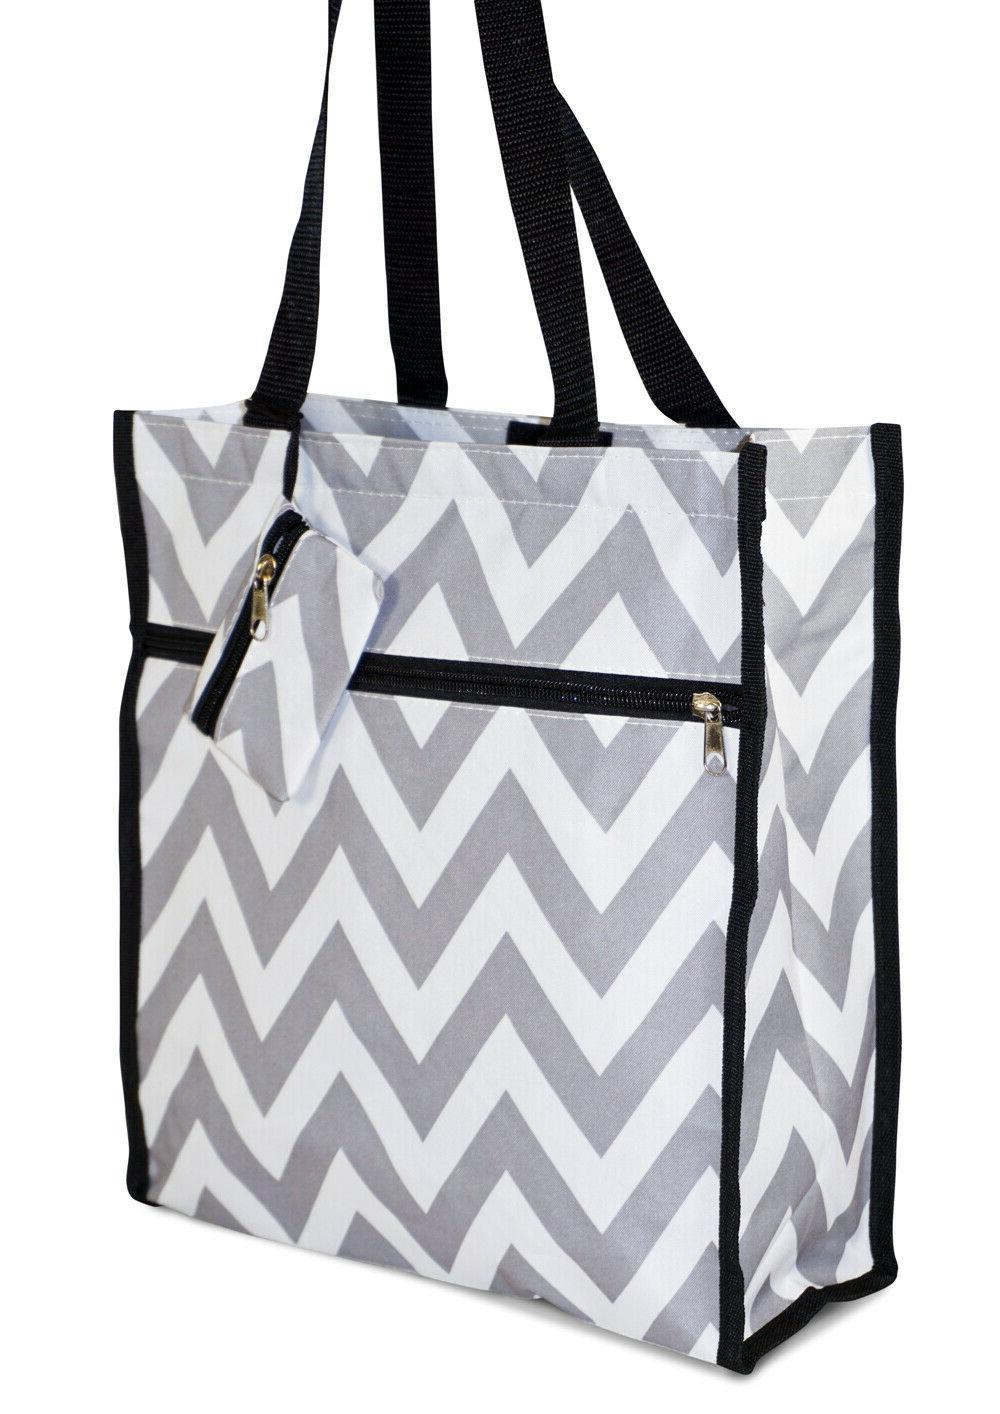 chevron womens small tote bag handbag purse